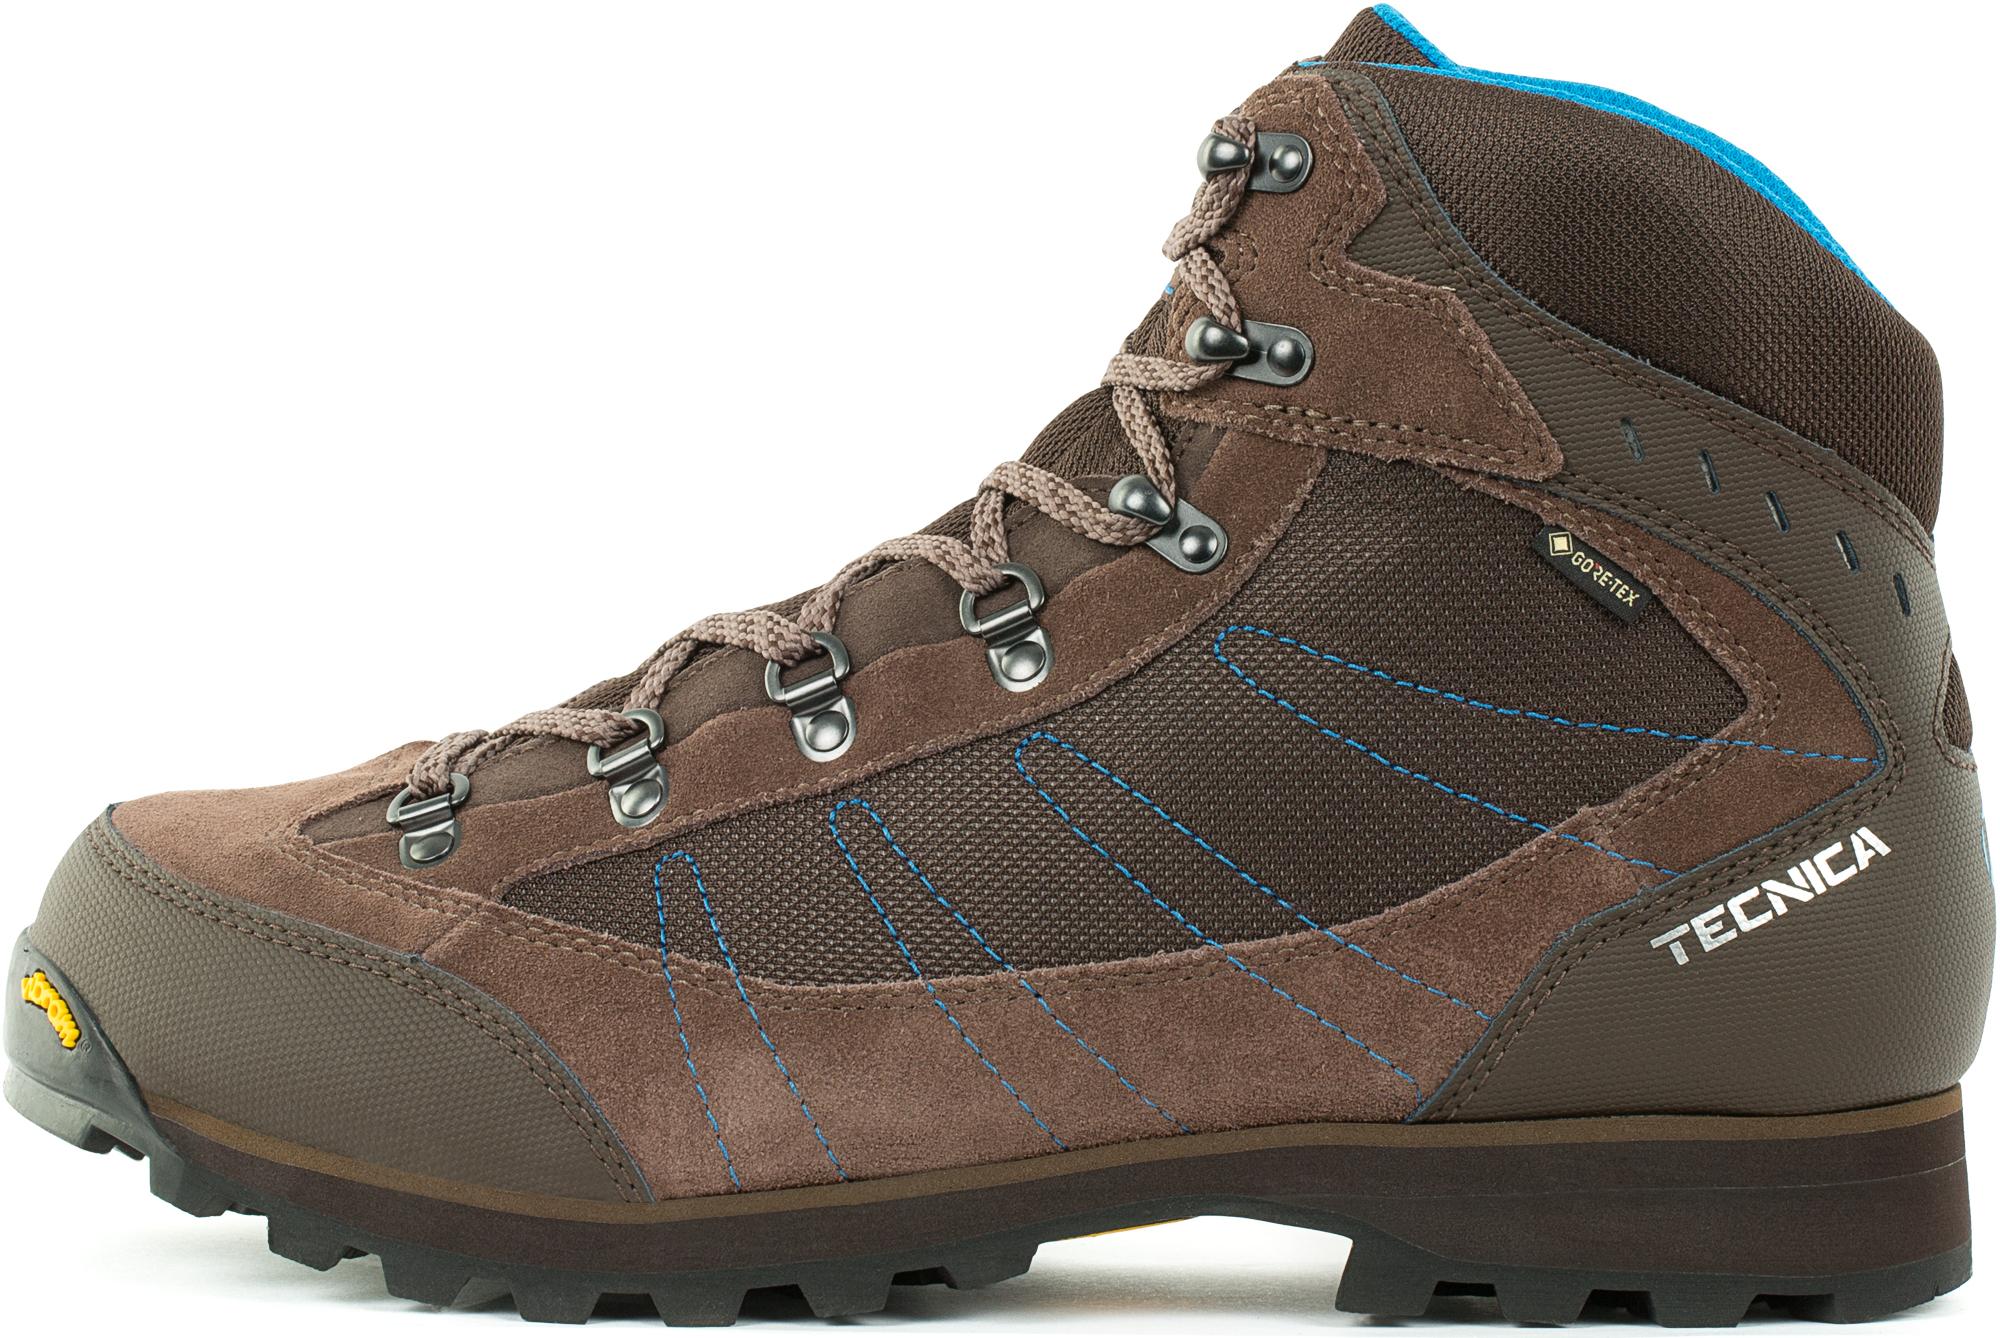 Tecnica Ботинки мужские Makalu Iv Gtx, размер 46